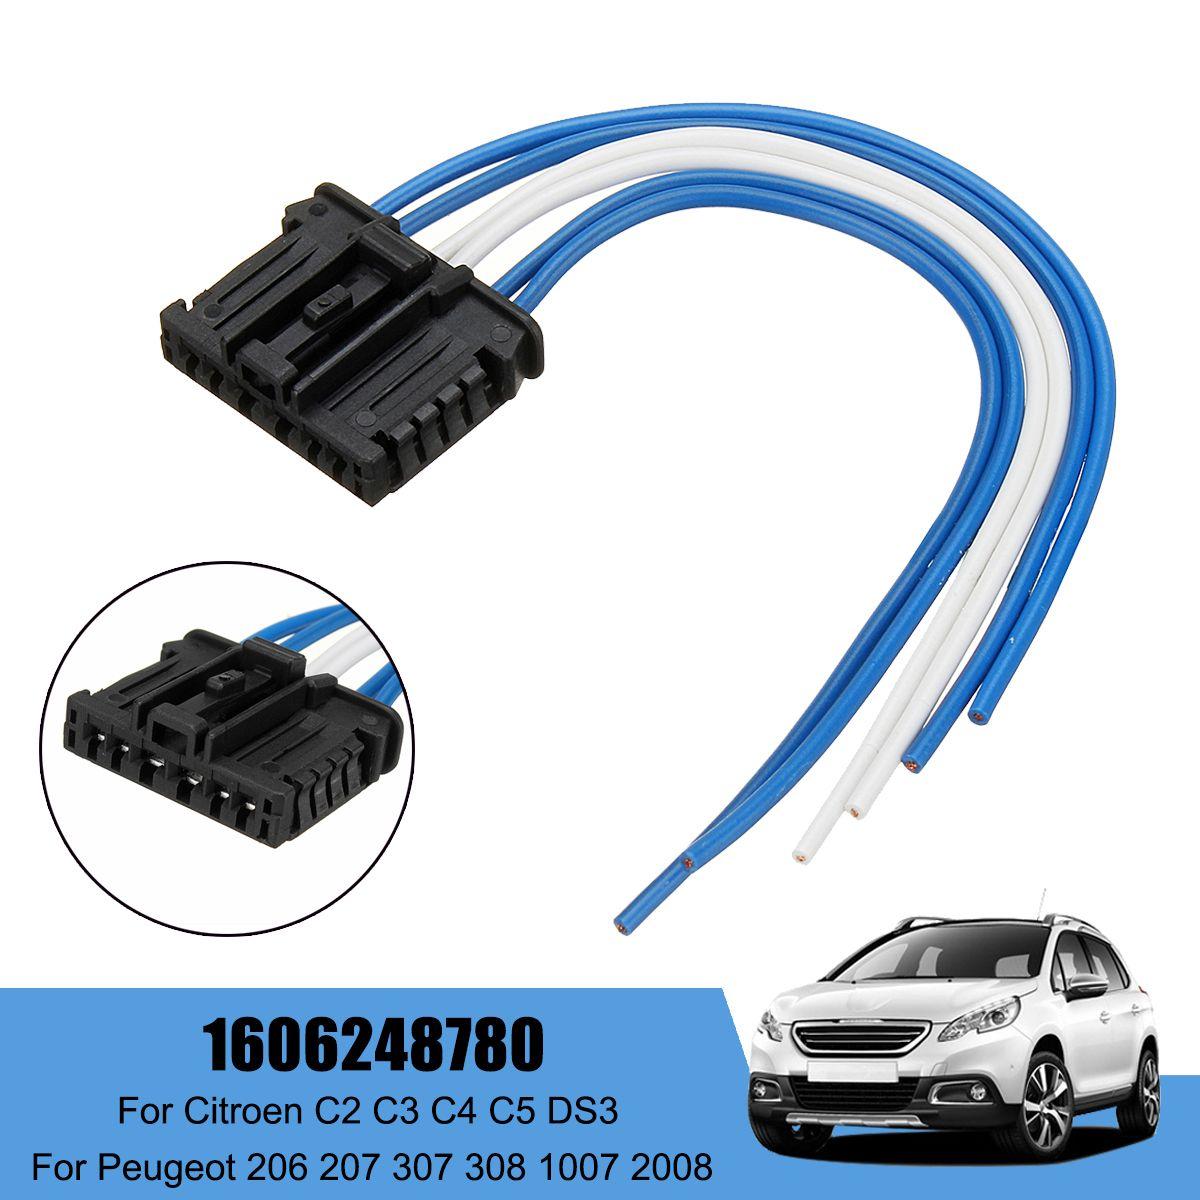 Auto Hinten Schwanz Licht Webstuhl Harness Für Peugeot 1007 207 für Citroen C2 C3 C4 C5 DS3 1606248780